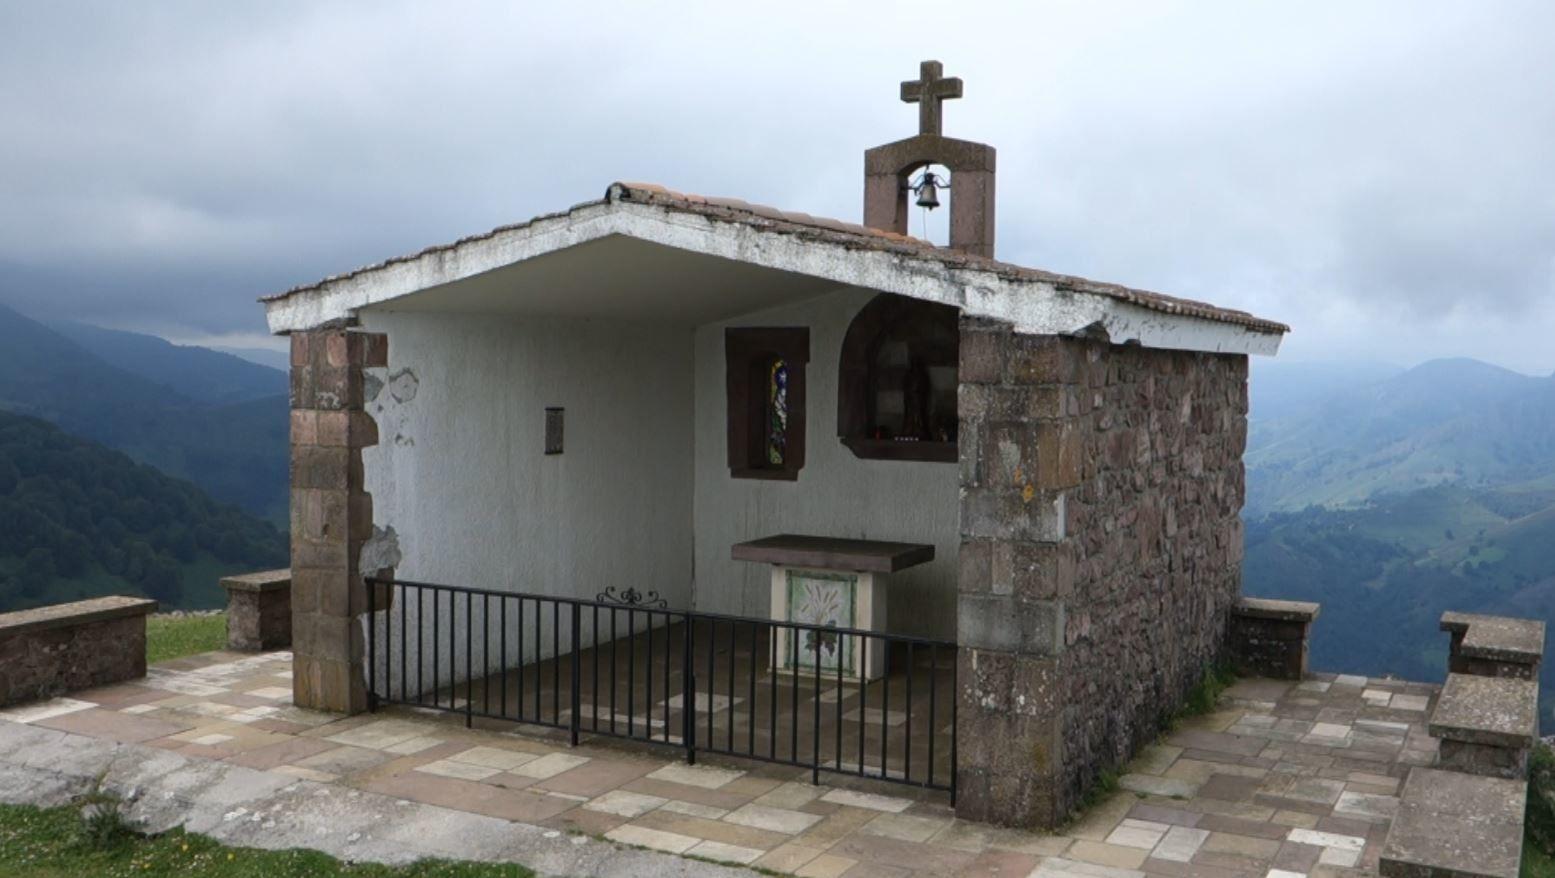 Au sommet de la montagne Oylarandoy ou Oilandoi, à 933 mètres d'altitude se dresse cette toute petite chapelle qui domine la Vallée des Aldudes, et permet d'avoir un magnifique point de vue, sur de nombreux sommets Basques et des Pyrénées.